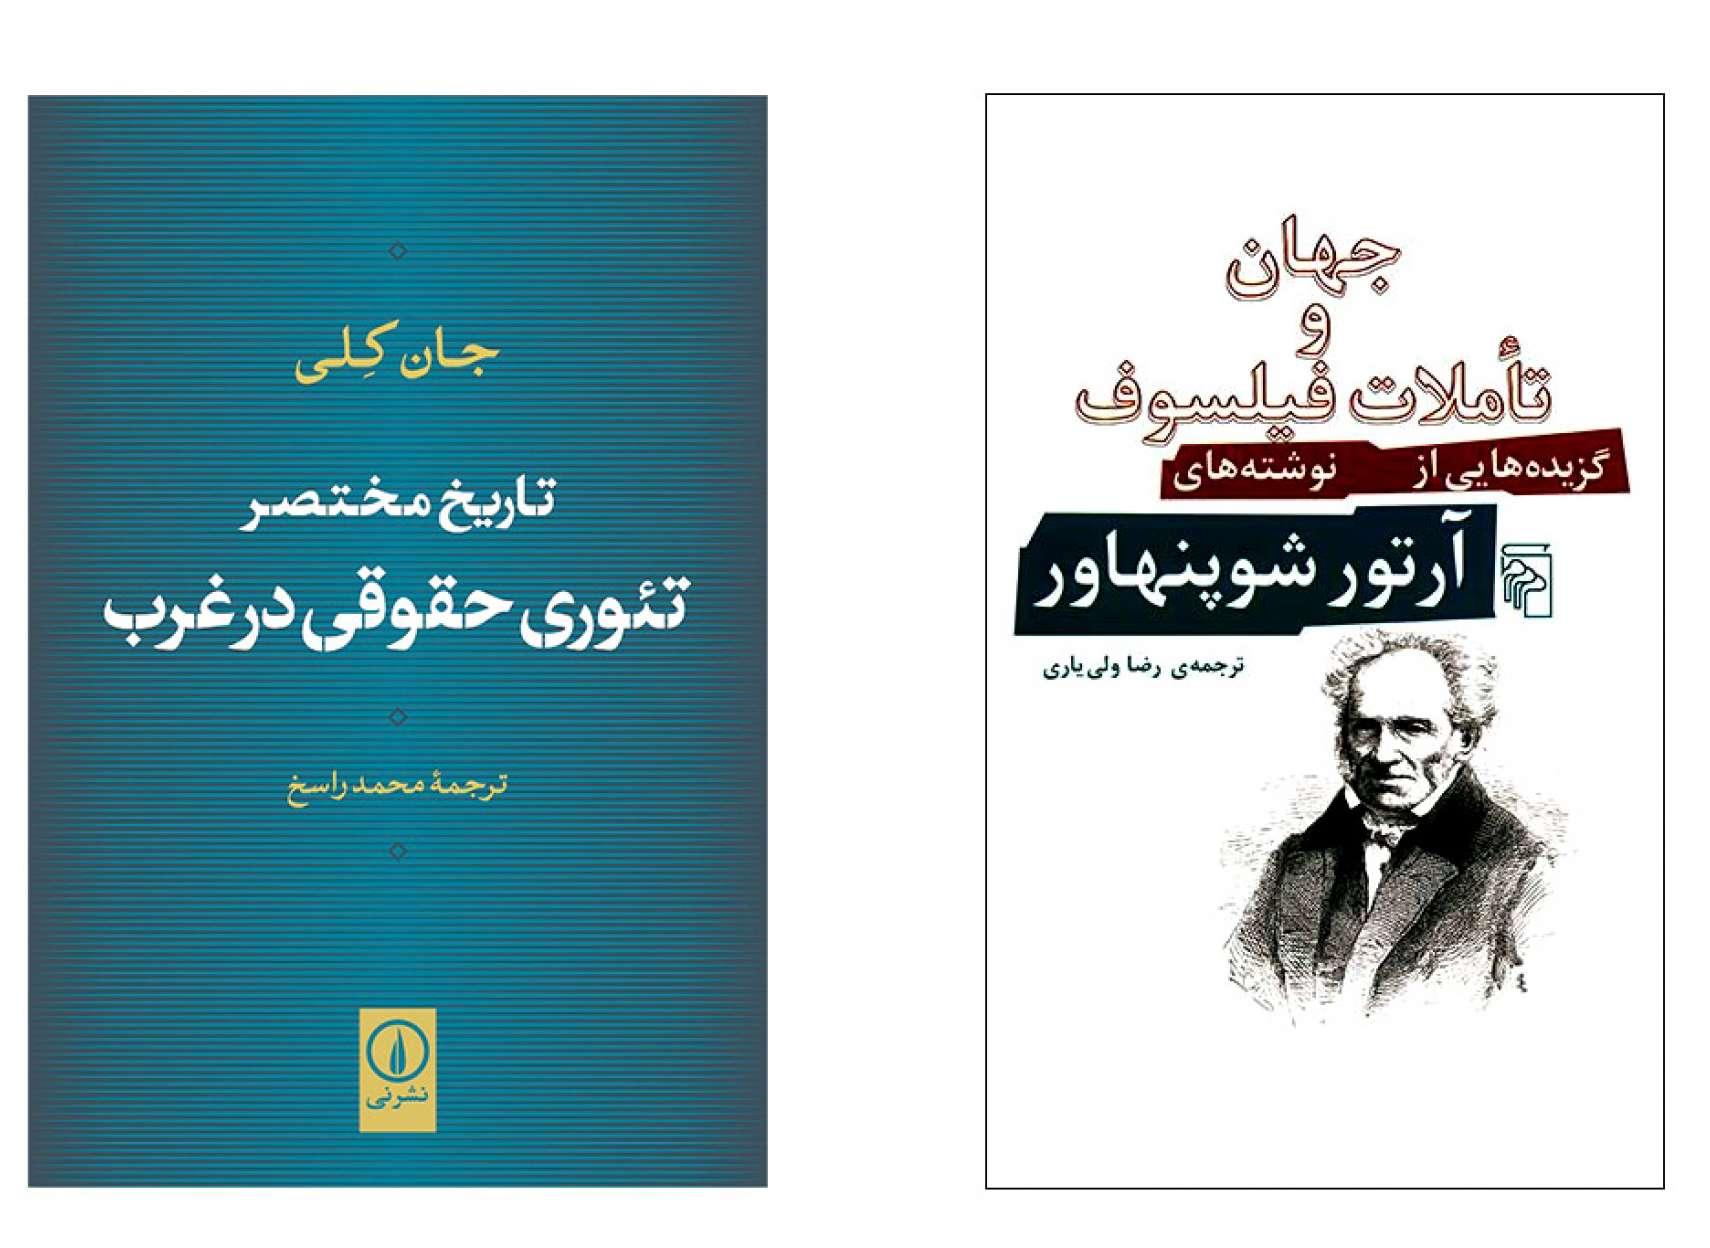 ادبیات-گلمحمدی-کتاب-در-تابستان-داغ-تهران-جهان-و-تاملات-فیلسوف-تئوری-حقوقی-در-عرب